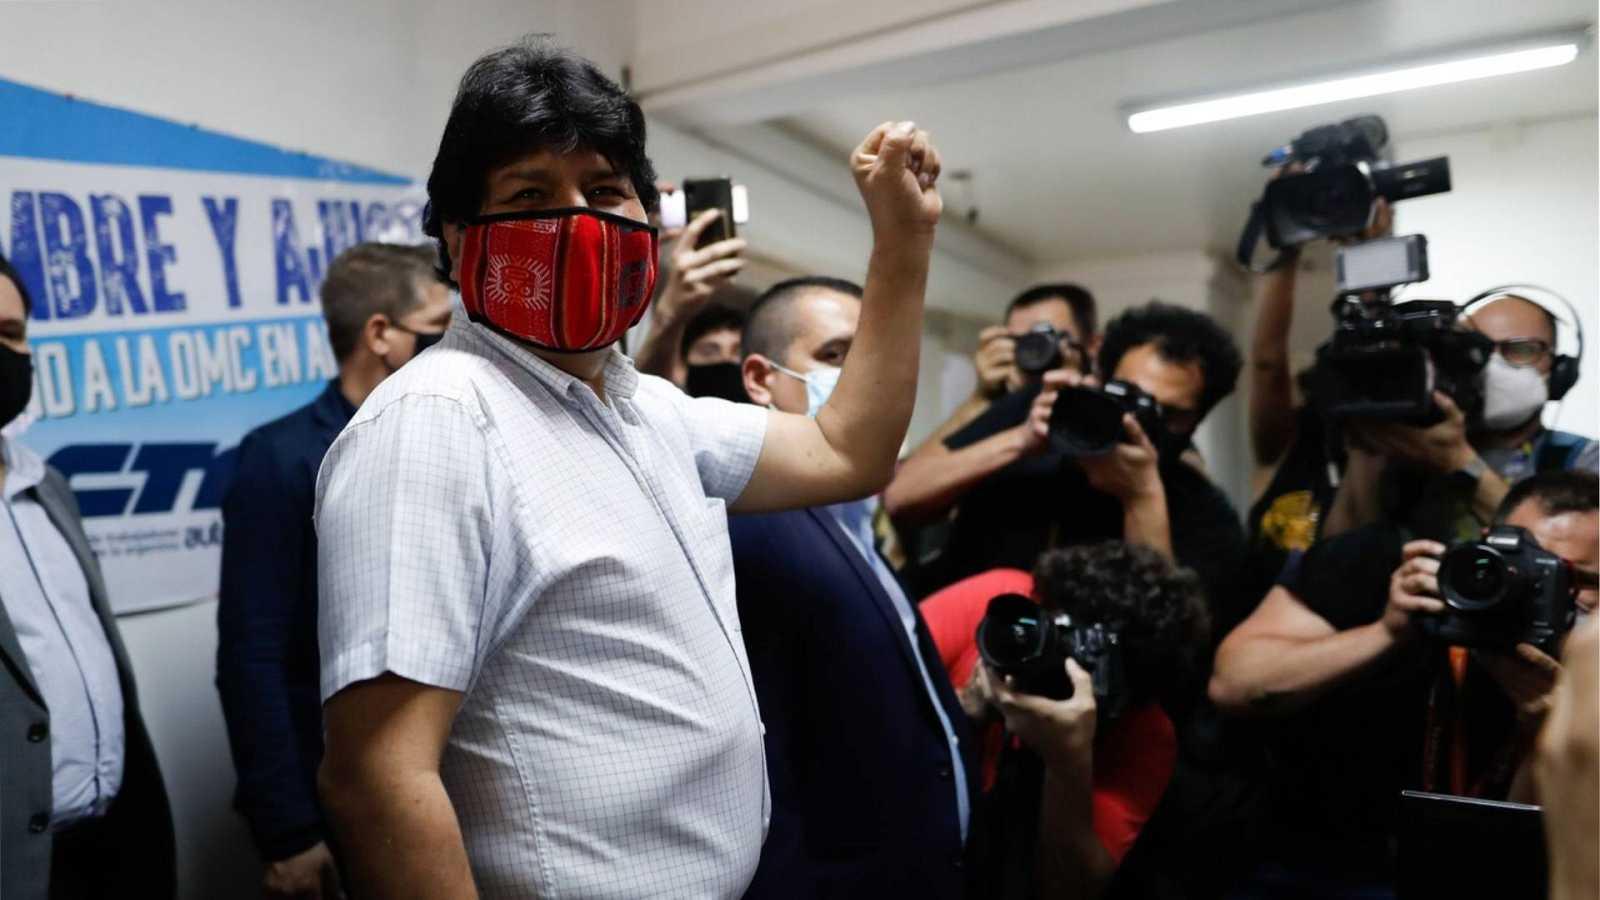 Informativos fin de semana - 20 horas - Arce critica la decisión del Tribunal Electoral de Bolivia de no dar datos preliminares y afirma esperarán con calma - Escuchar ahora